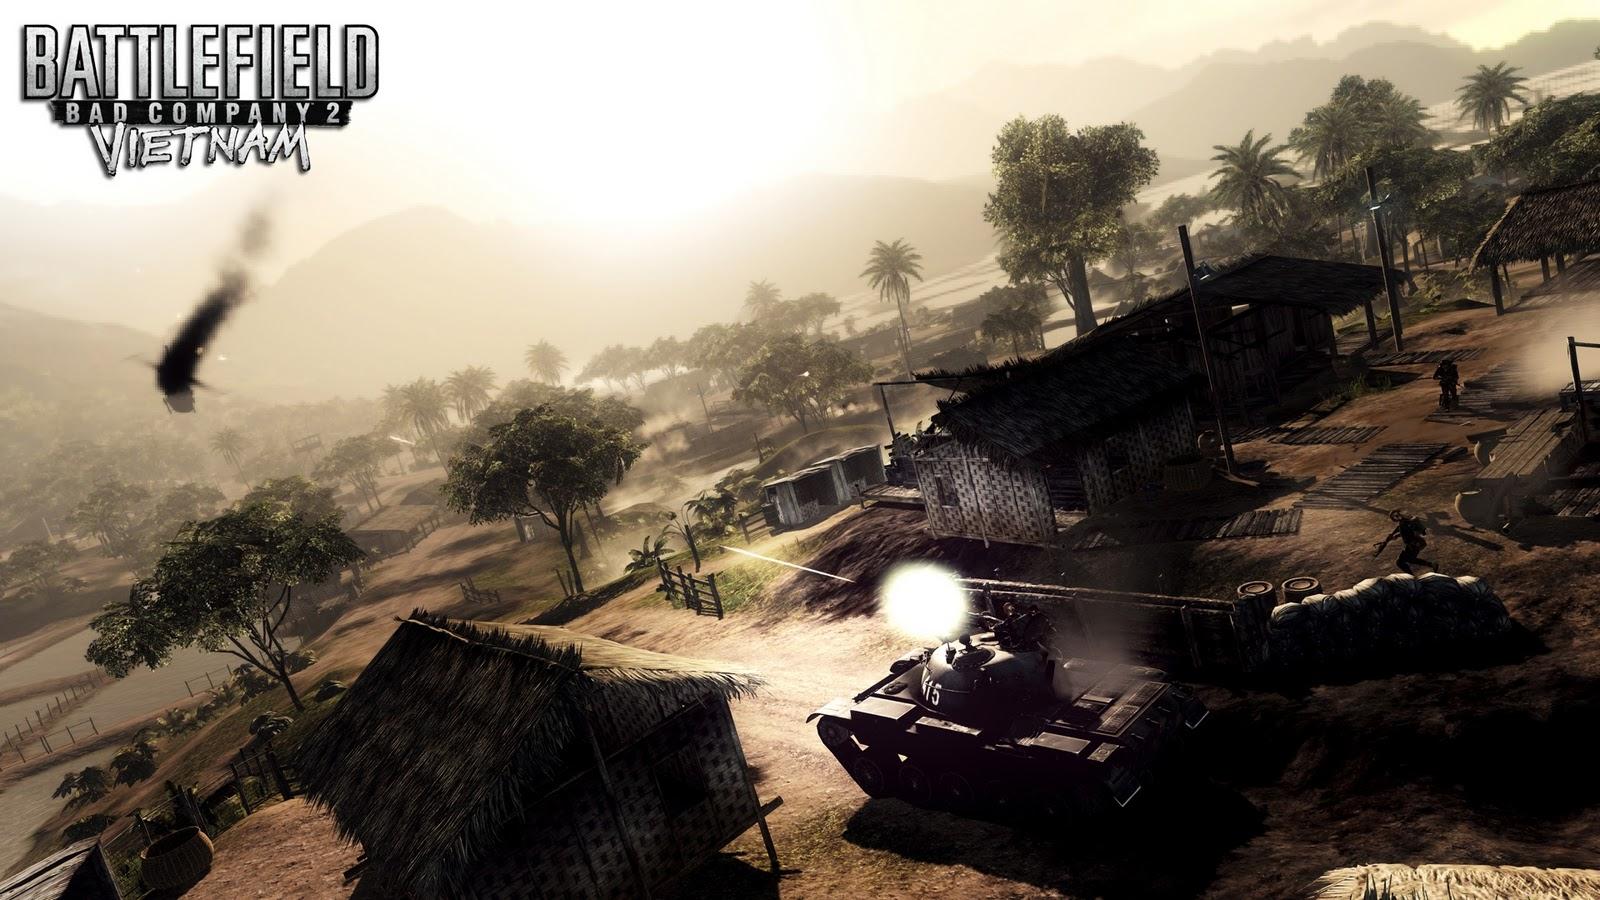 http://3.bp.blogspot.com/-UkuNoRoW9YE/TrpZClqOLGI/AAAAAAAABsI/wvTnPEZ4H-A/s1600/cool_battlefield_3_wallpaper+%25287%2529.jpg